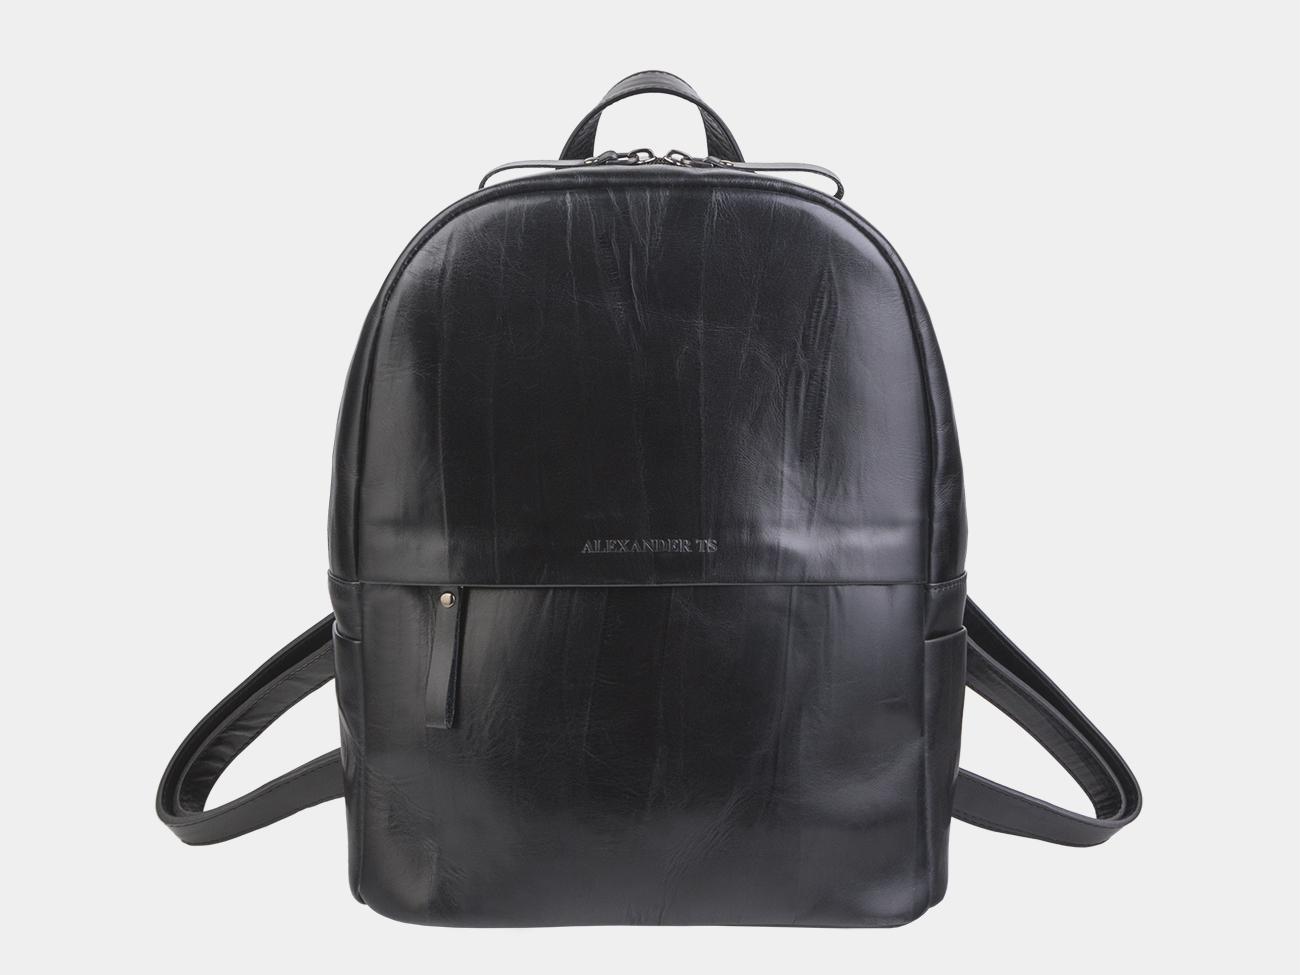 440fc0ab240d Недорого купить черный кожаный рюкзак из натуральной кожи «R0033 ...